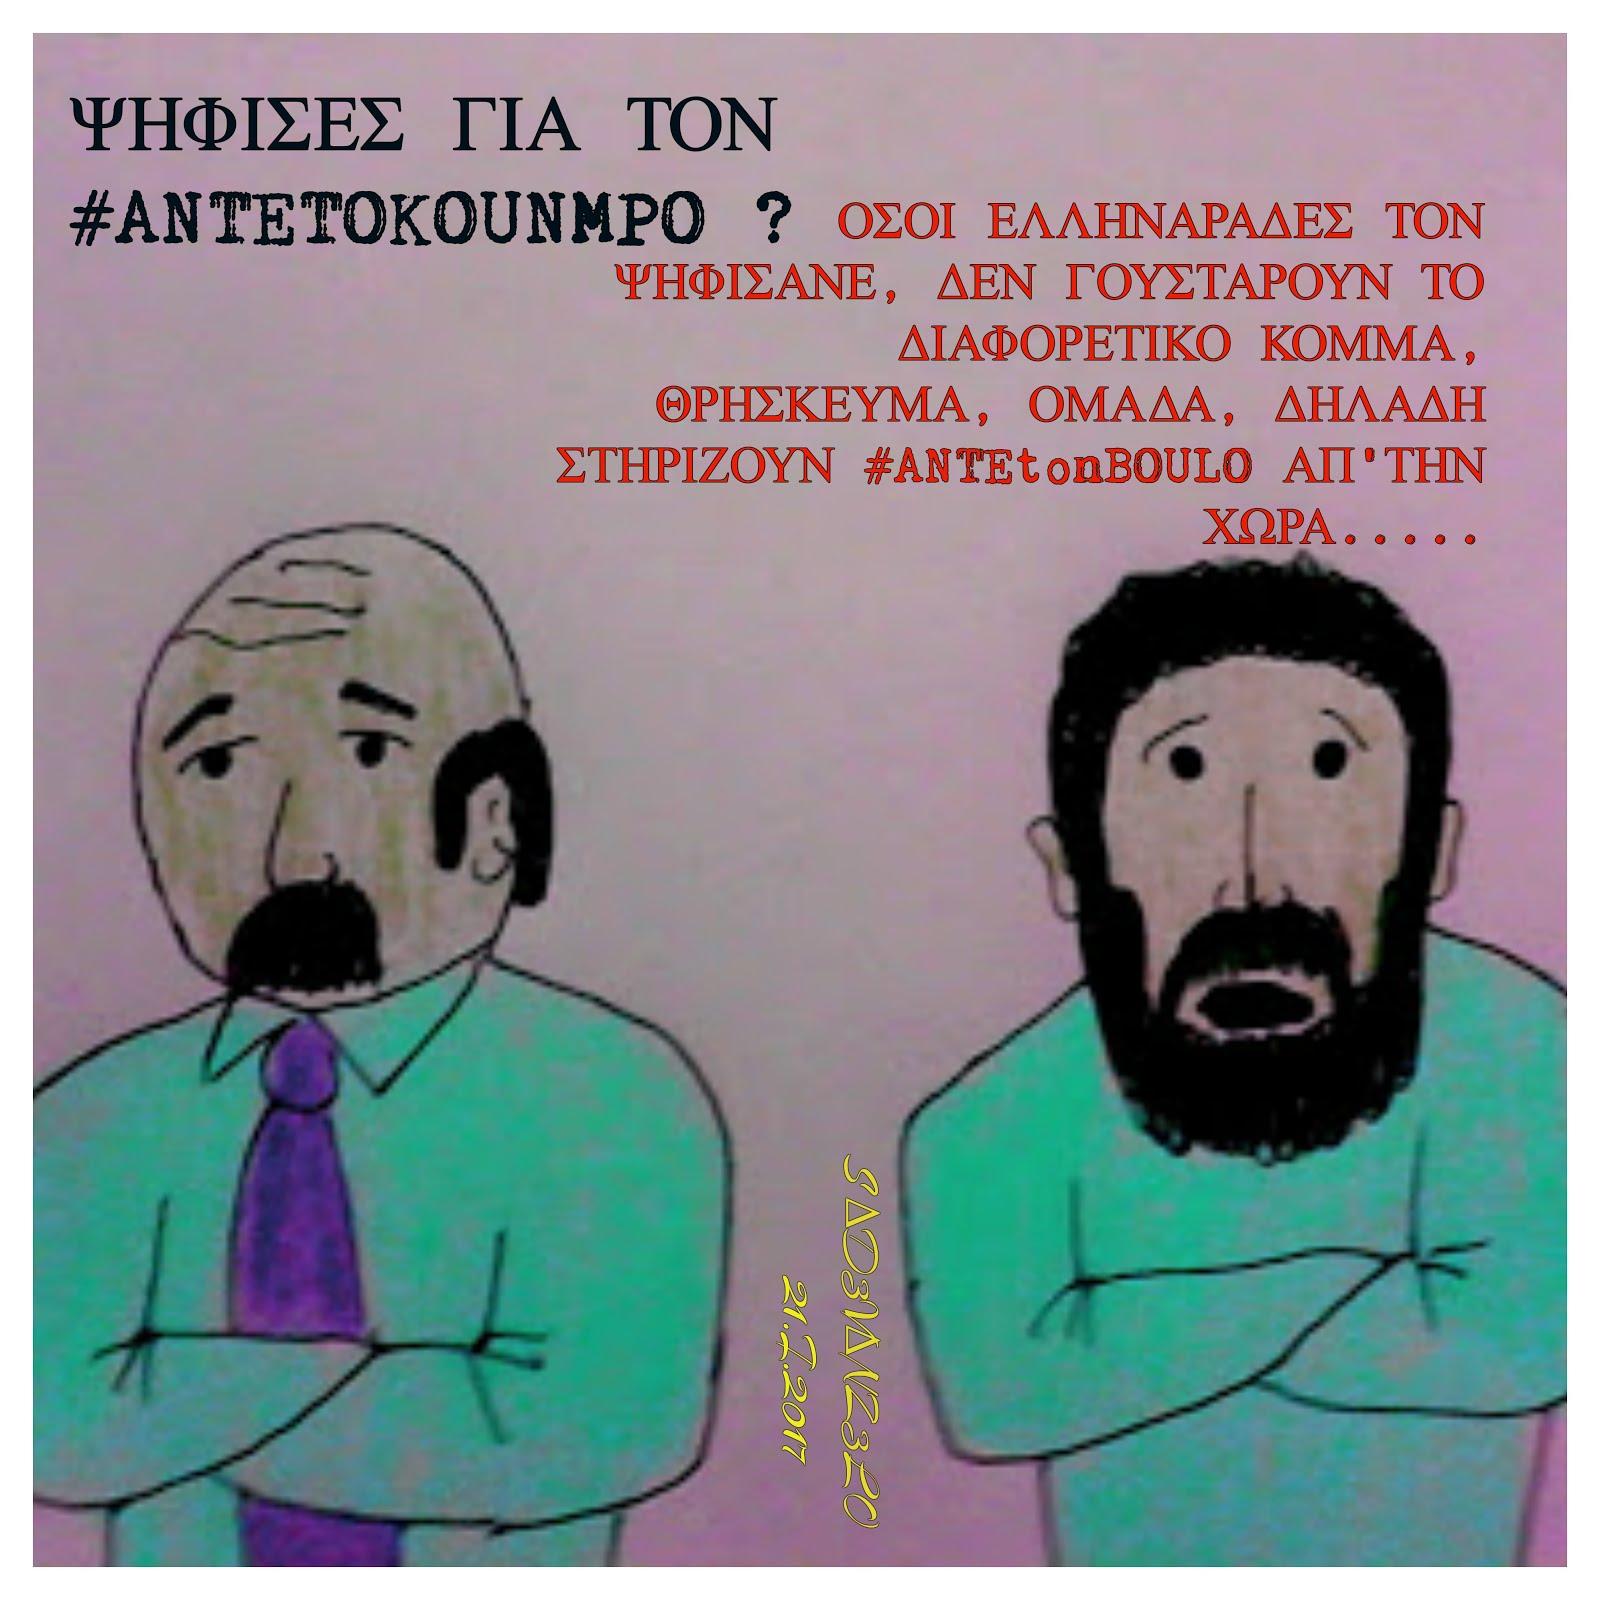 #Antetokounmpo